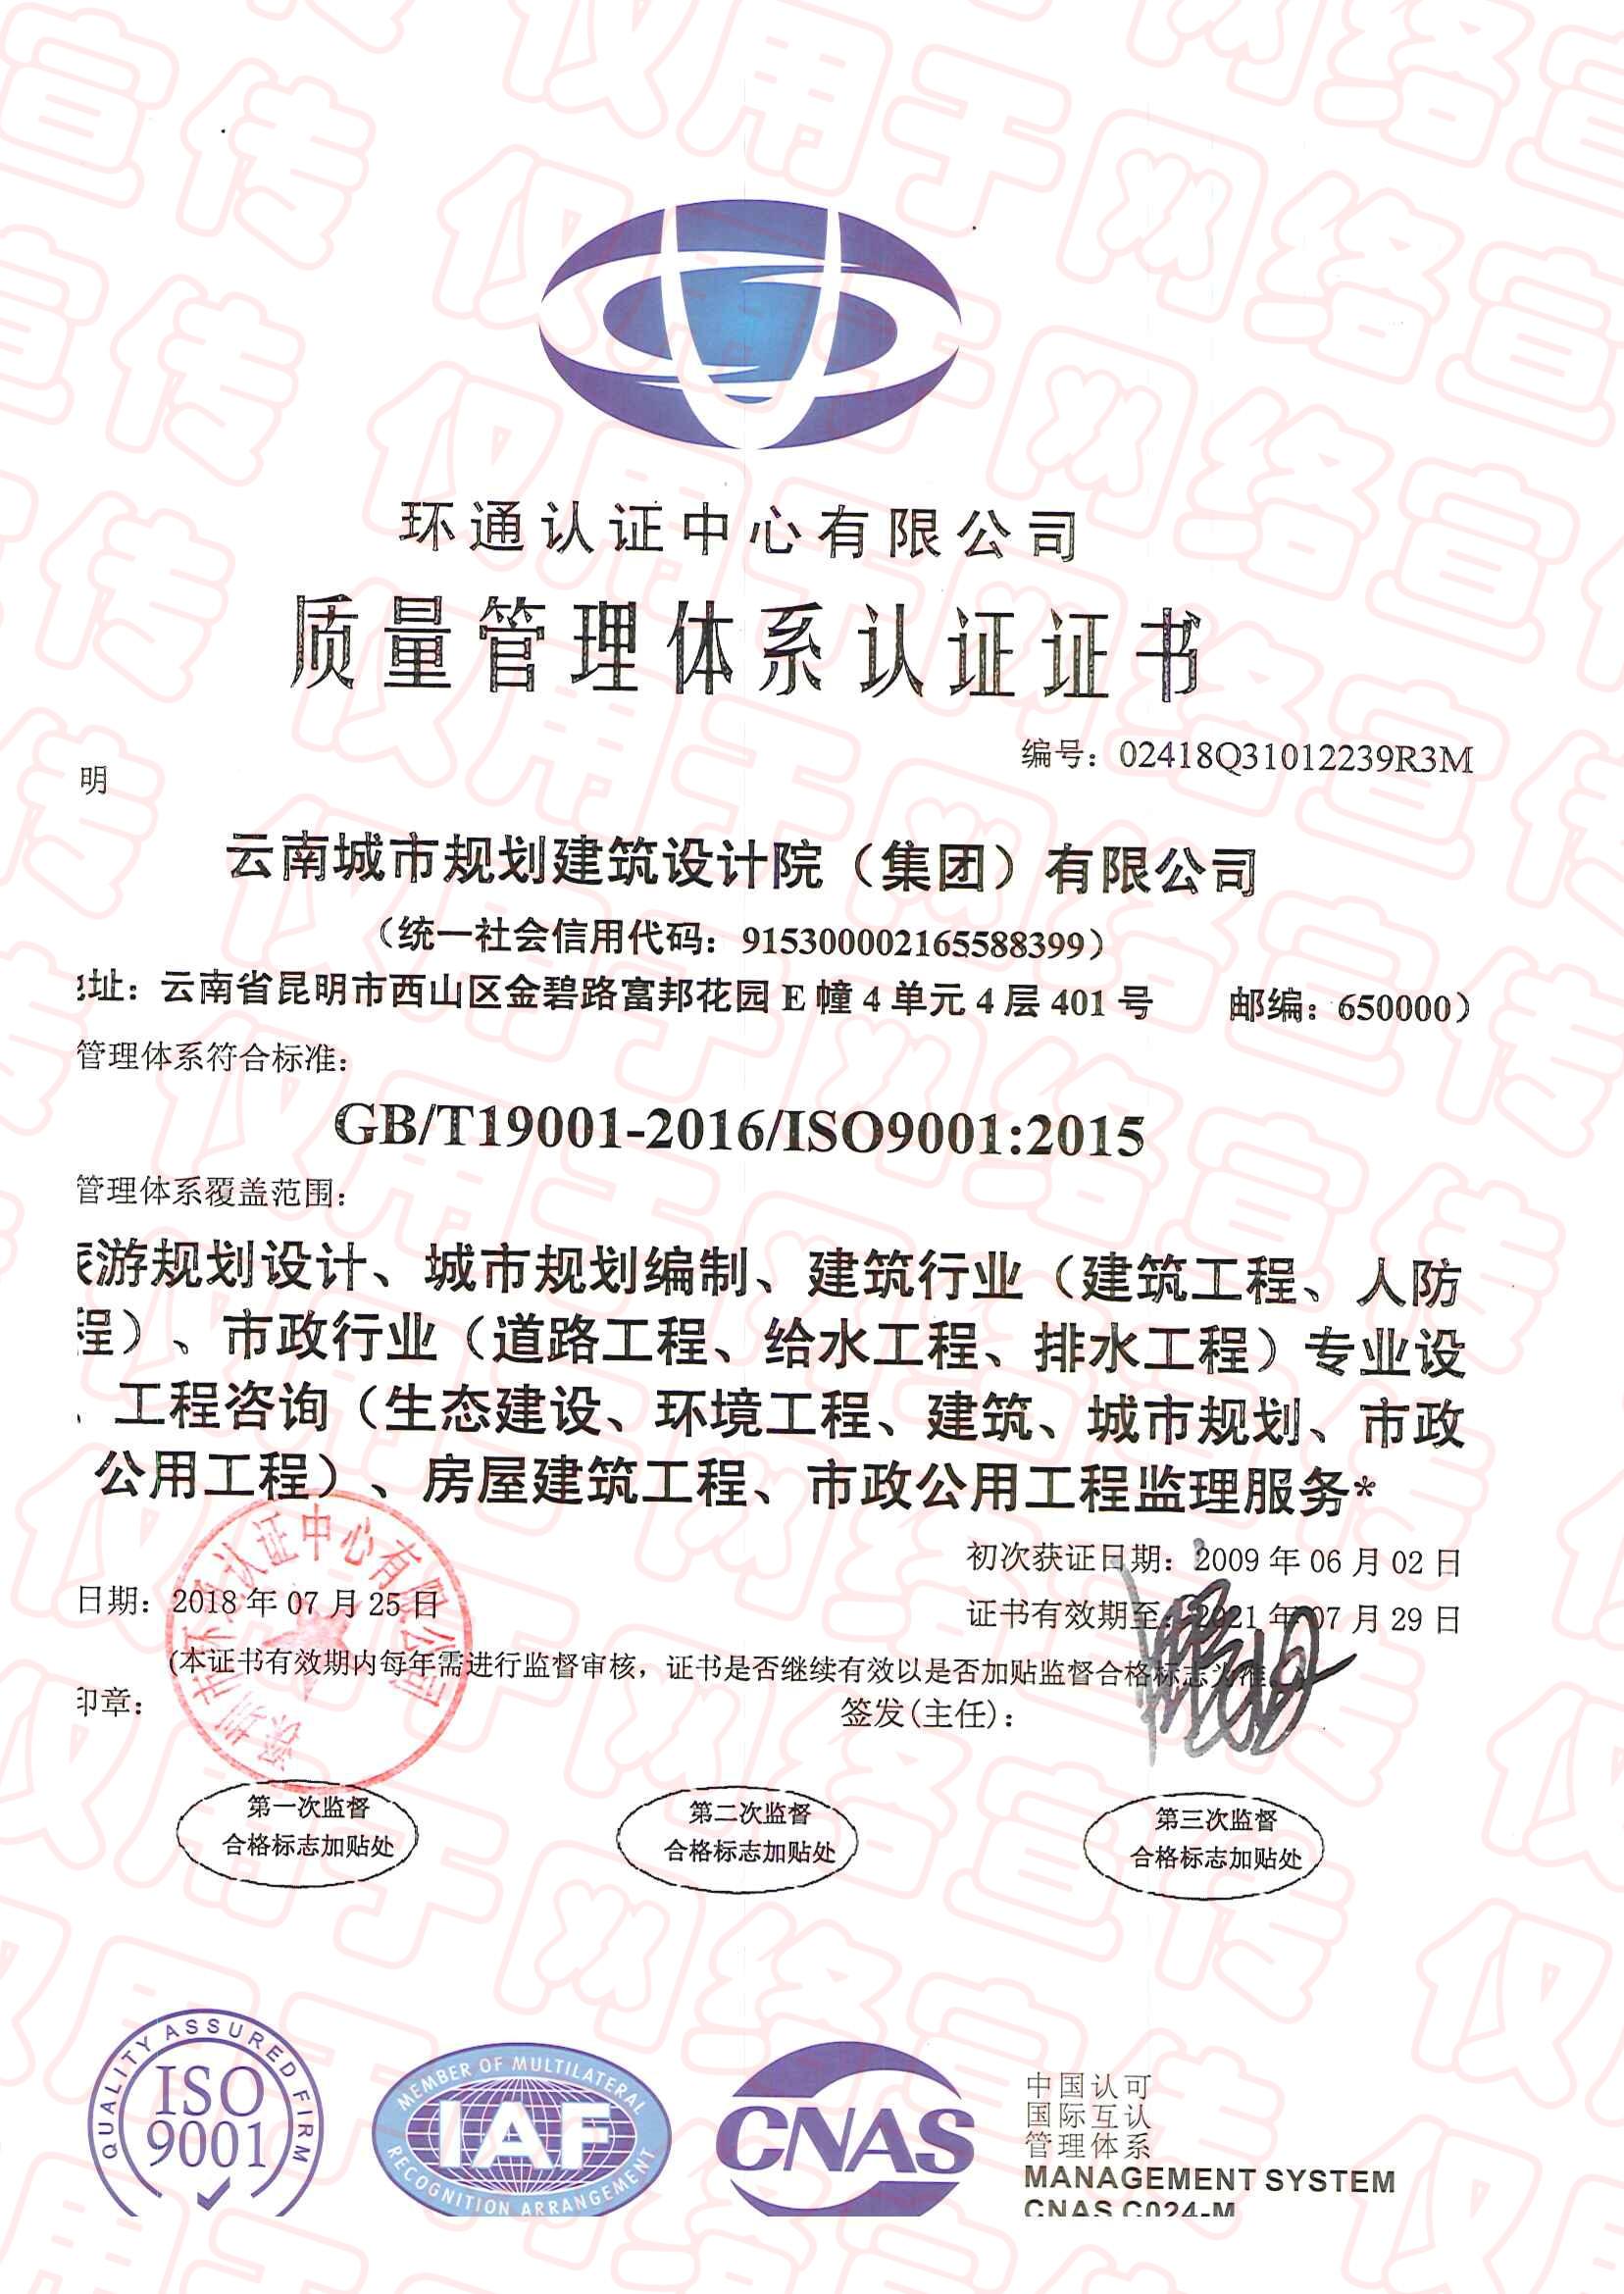 质量管理体系证书(中文).jpg